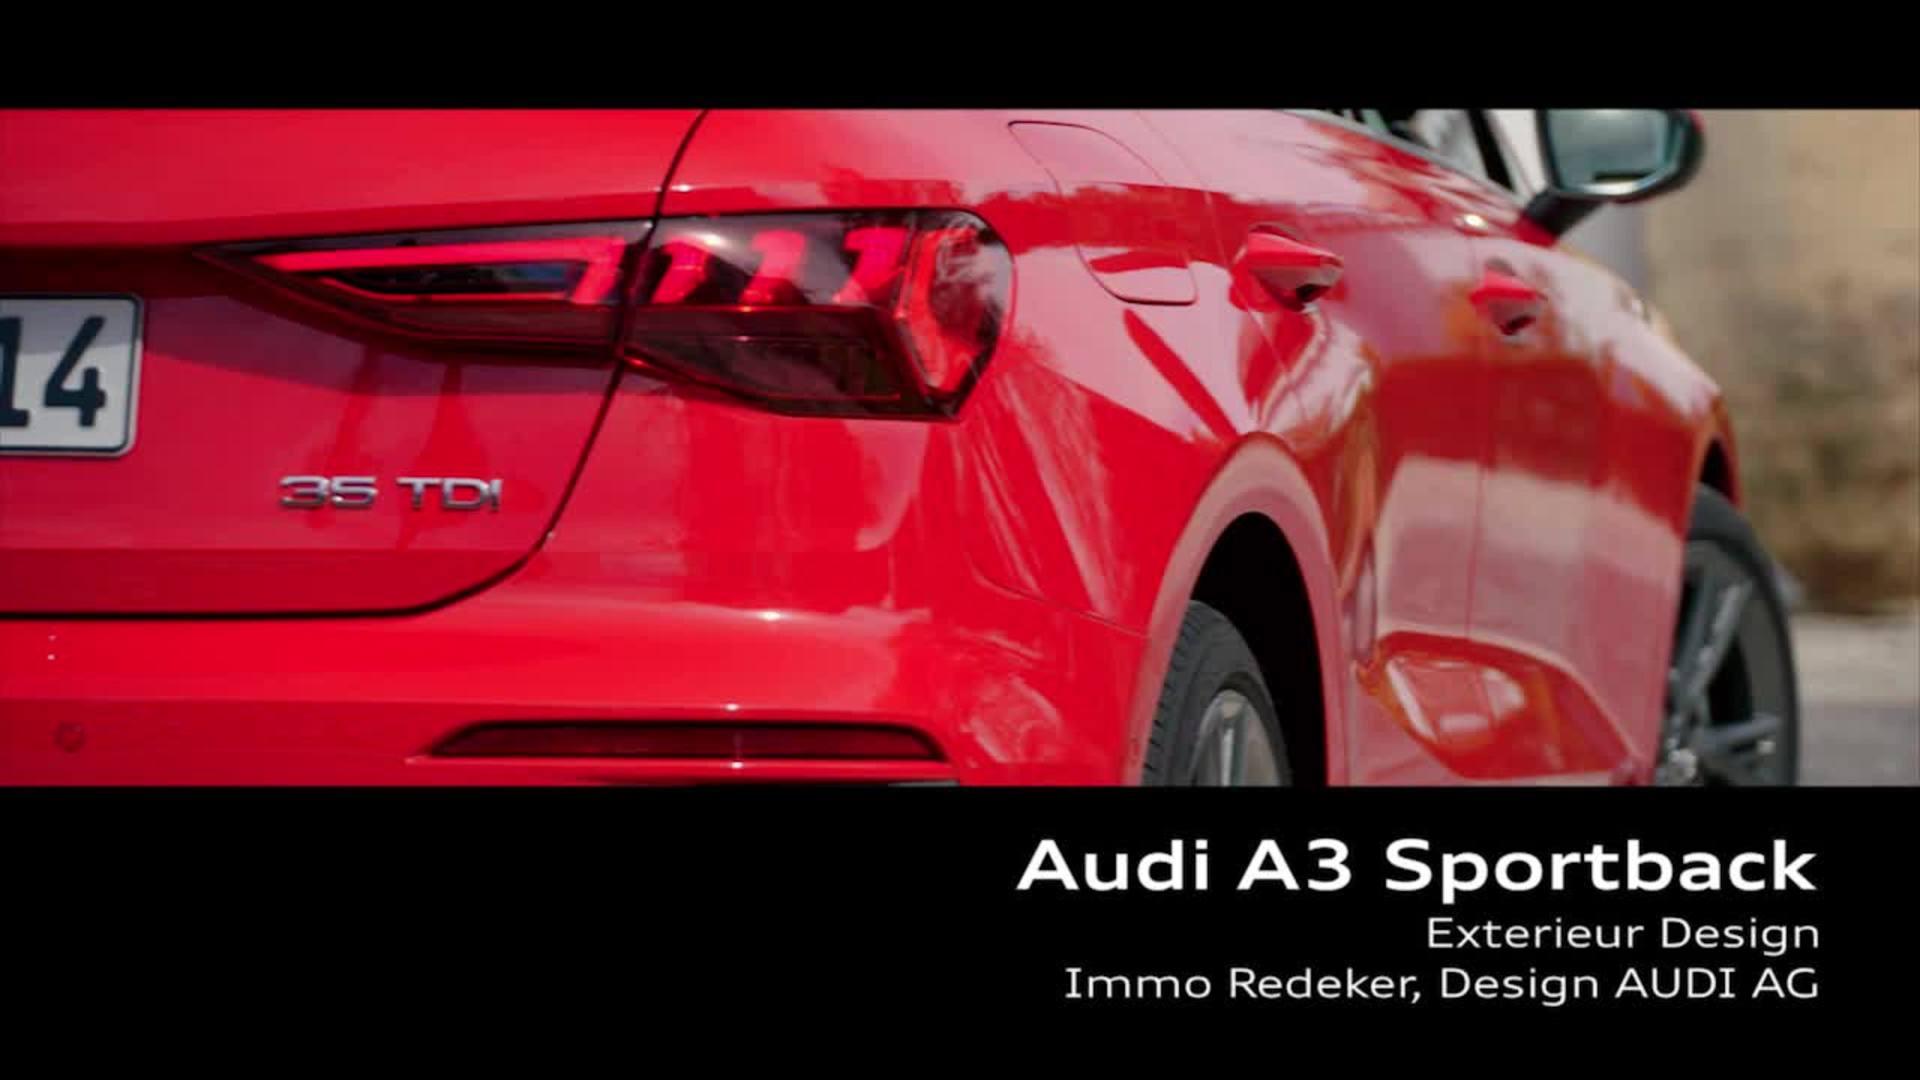 Footage: Audi A3 Sportback – Design